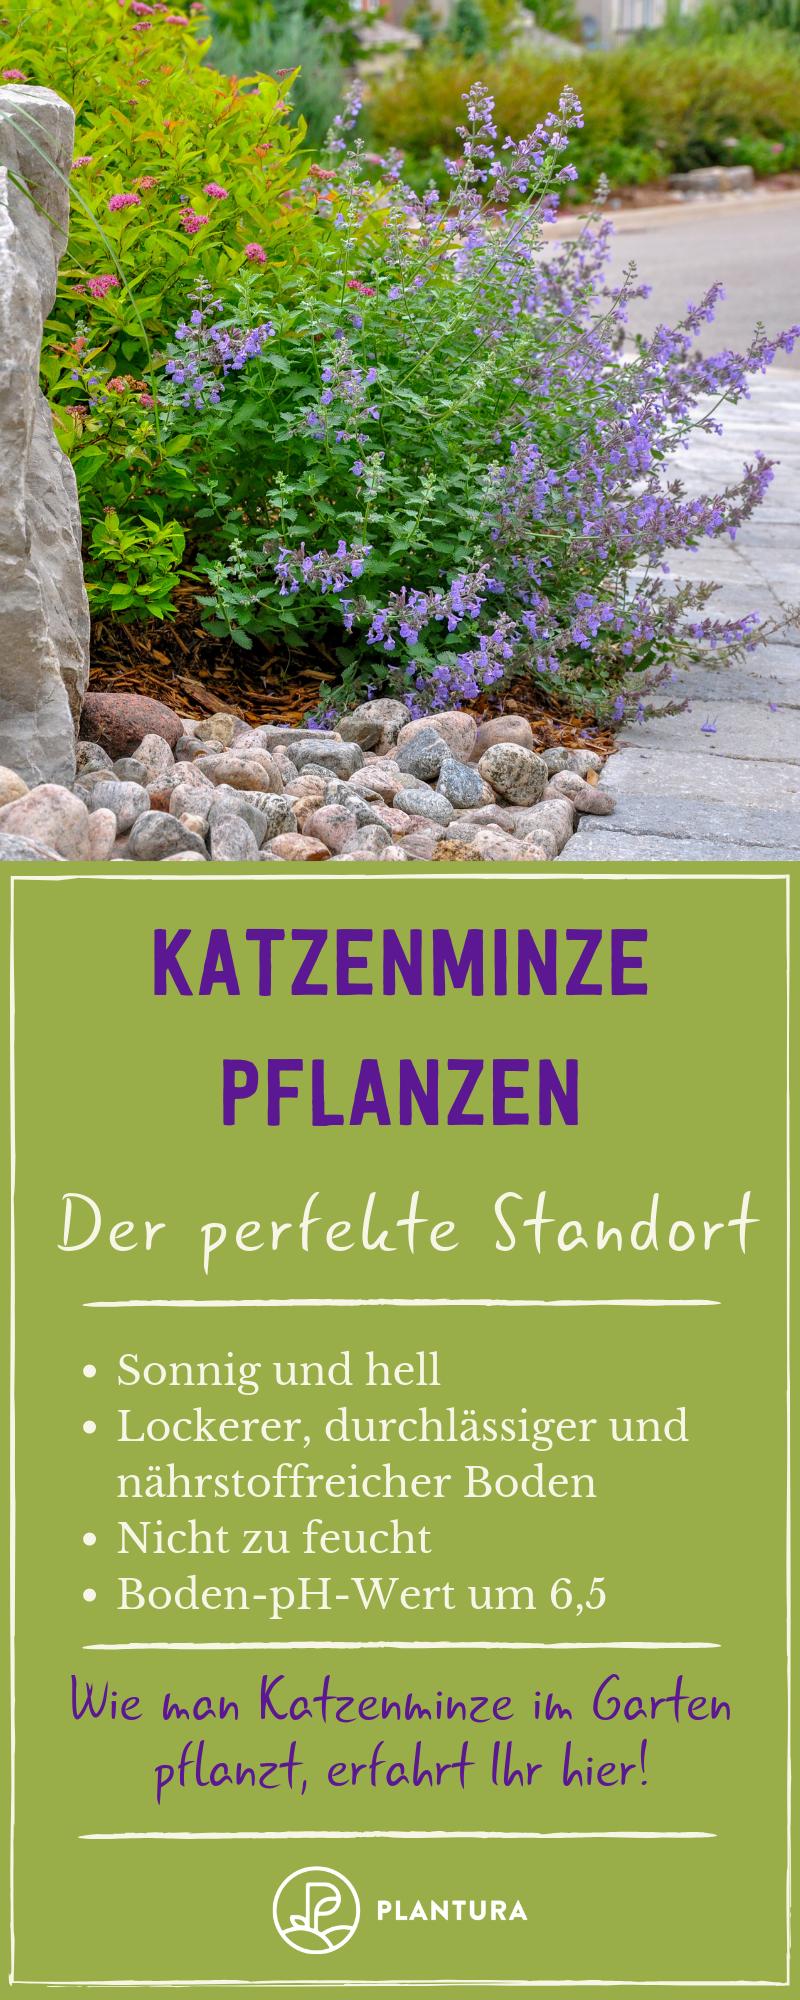 Katzenminze Experten Tipps Zum Kaufen Pflanzen Schneiden Plantura Katzenminze Pflanzen Minze Pflanzen